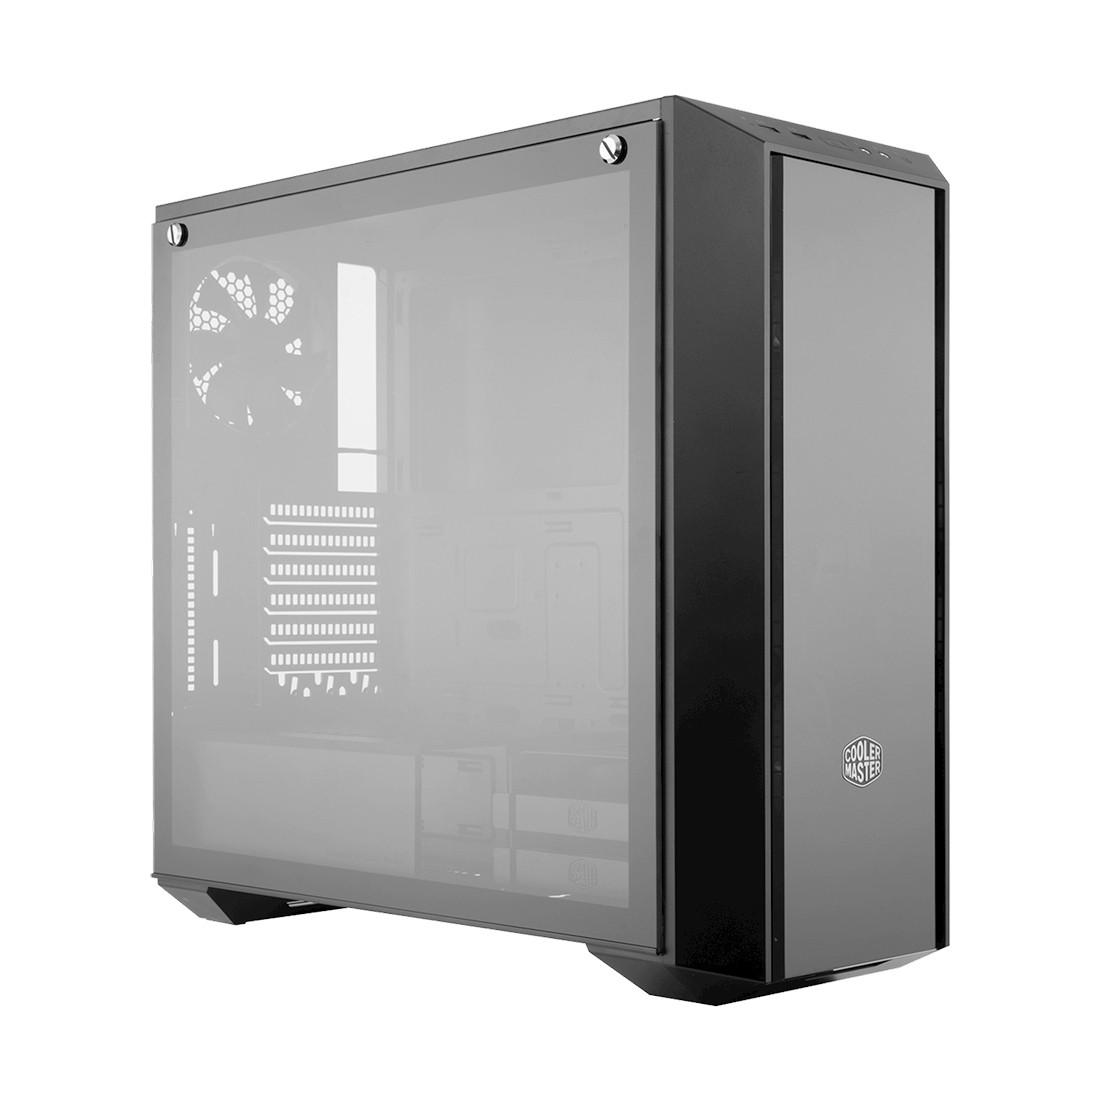 Компьютерный корпус Cooler Master MasterBox Pro 5 RGB